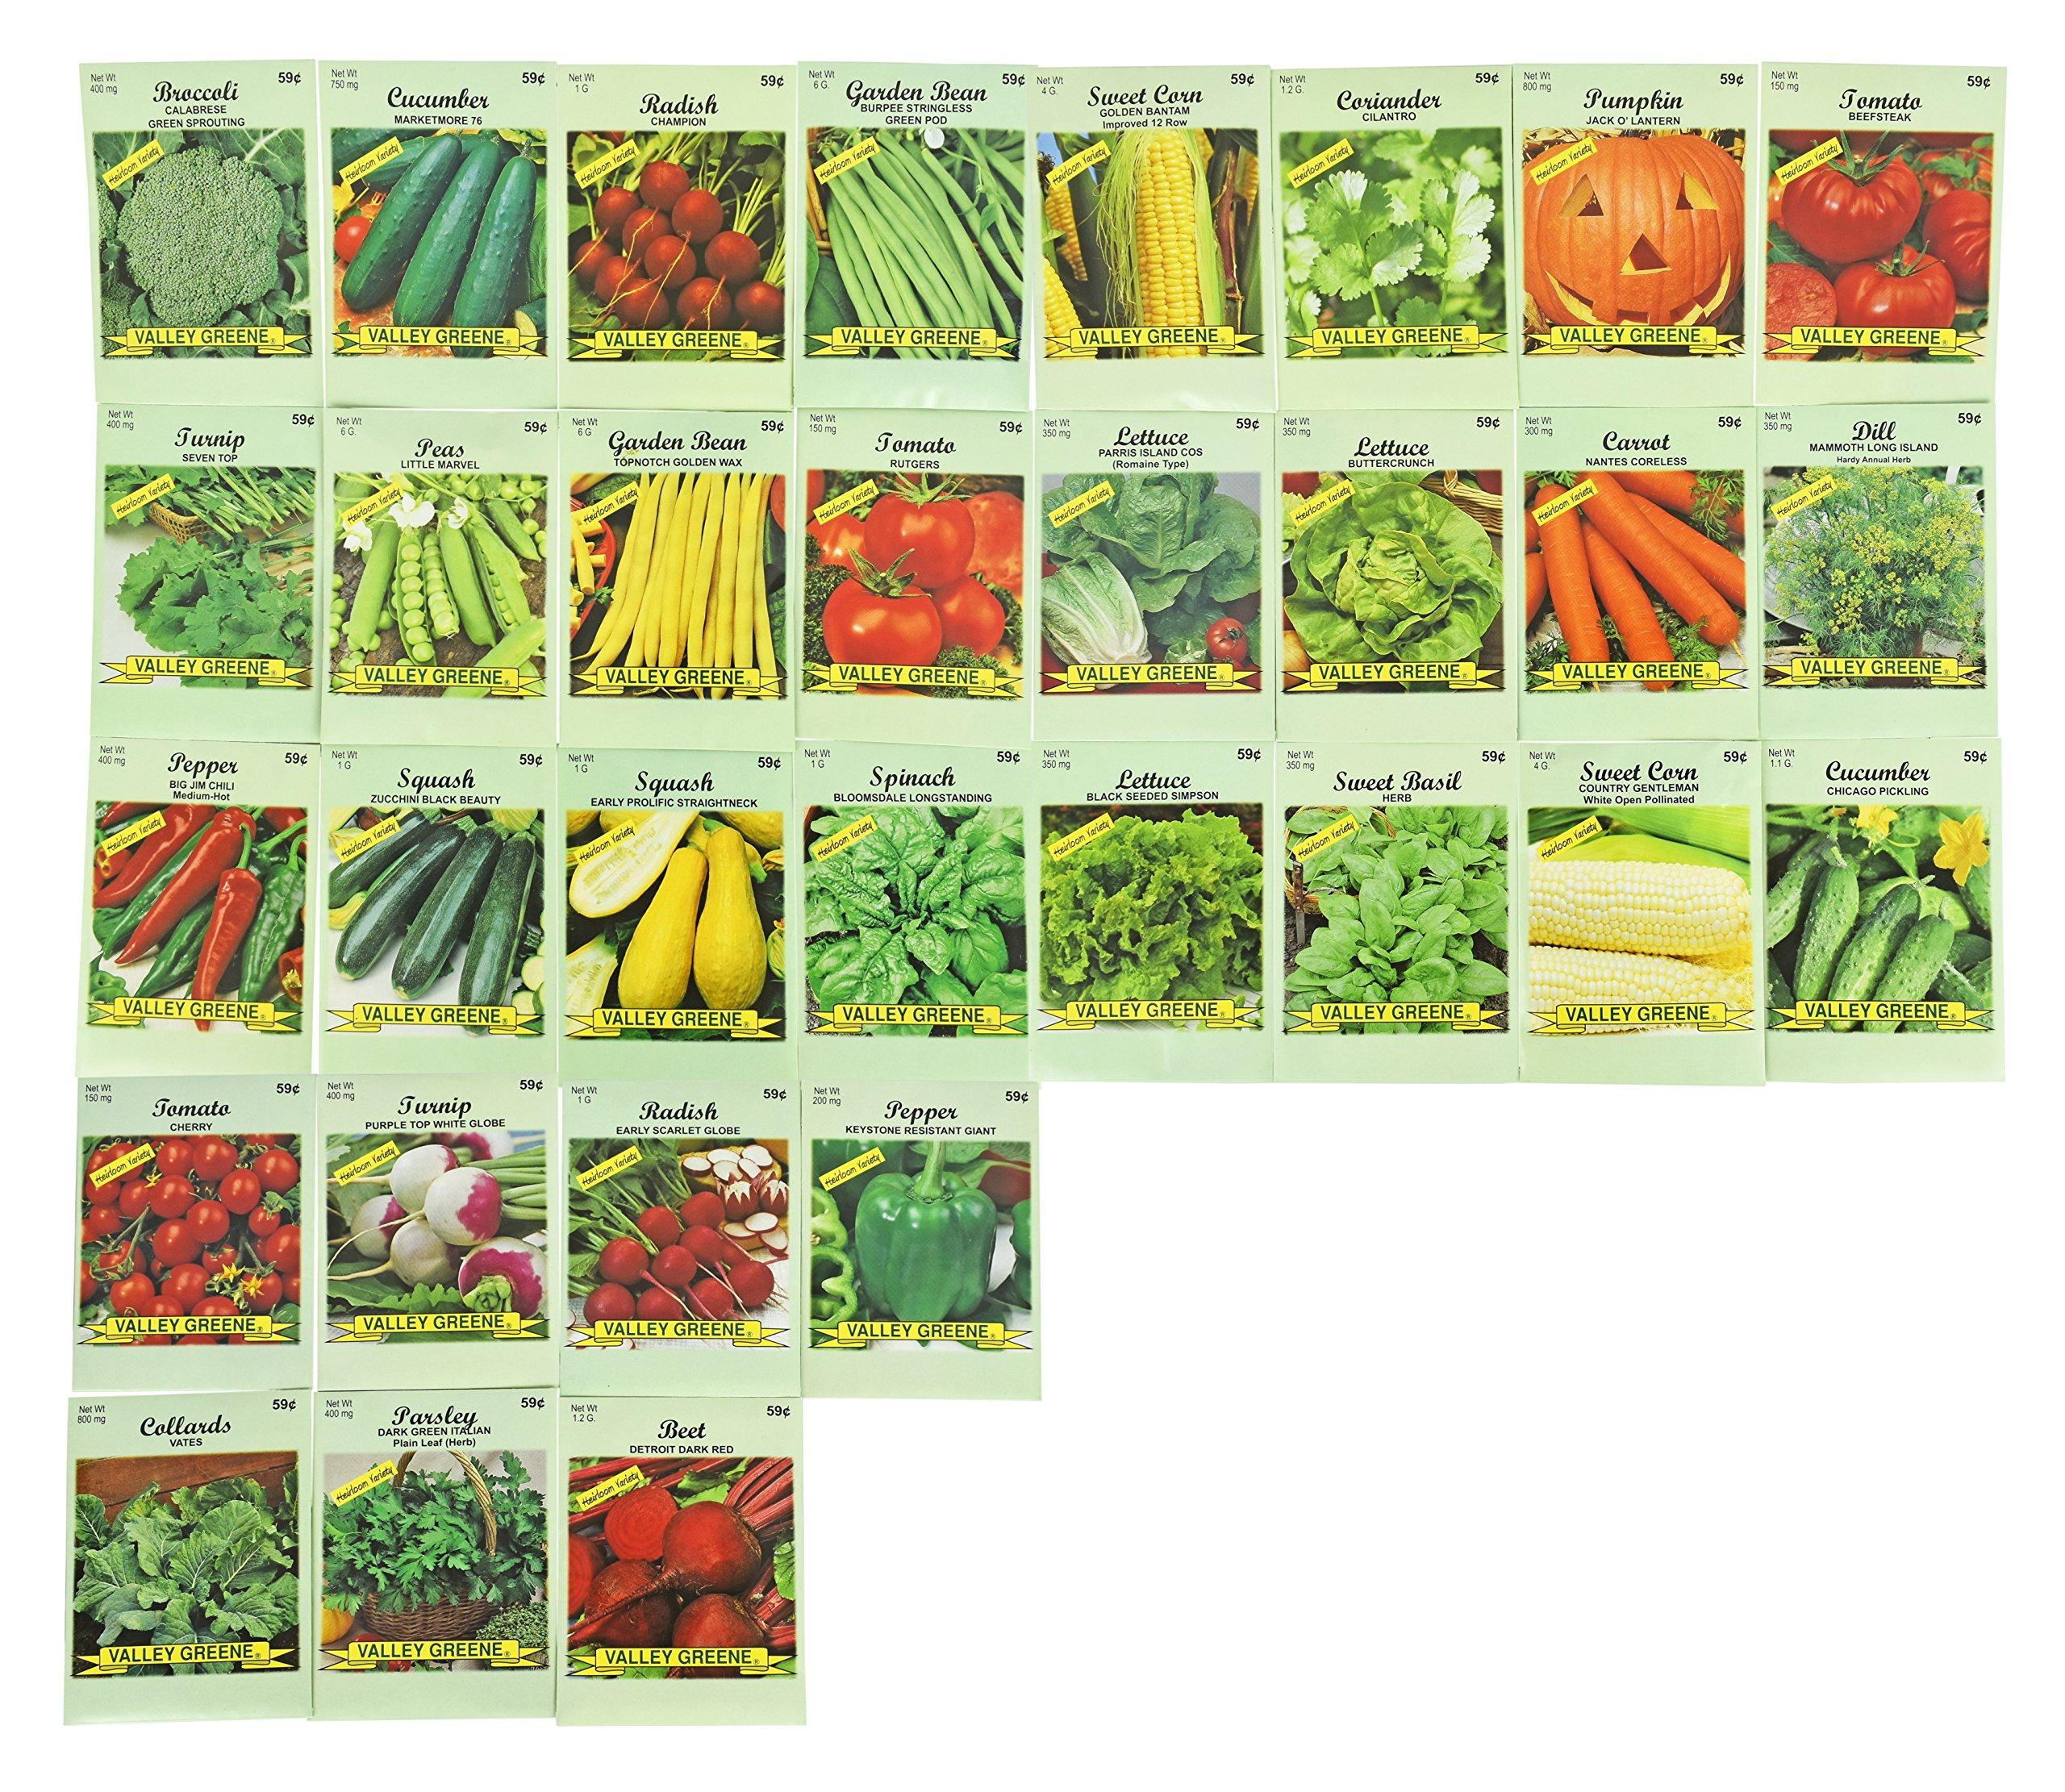 Black Duck Brand Set of 31 Vegetable Seeds (31 Variety Deluxe Vegatable Garden) 100% Non-GMO Heirloom